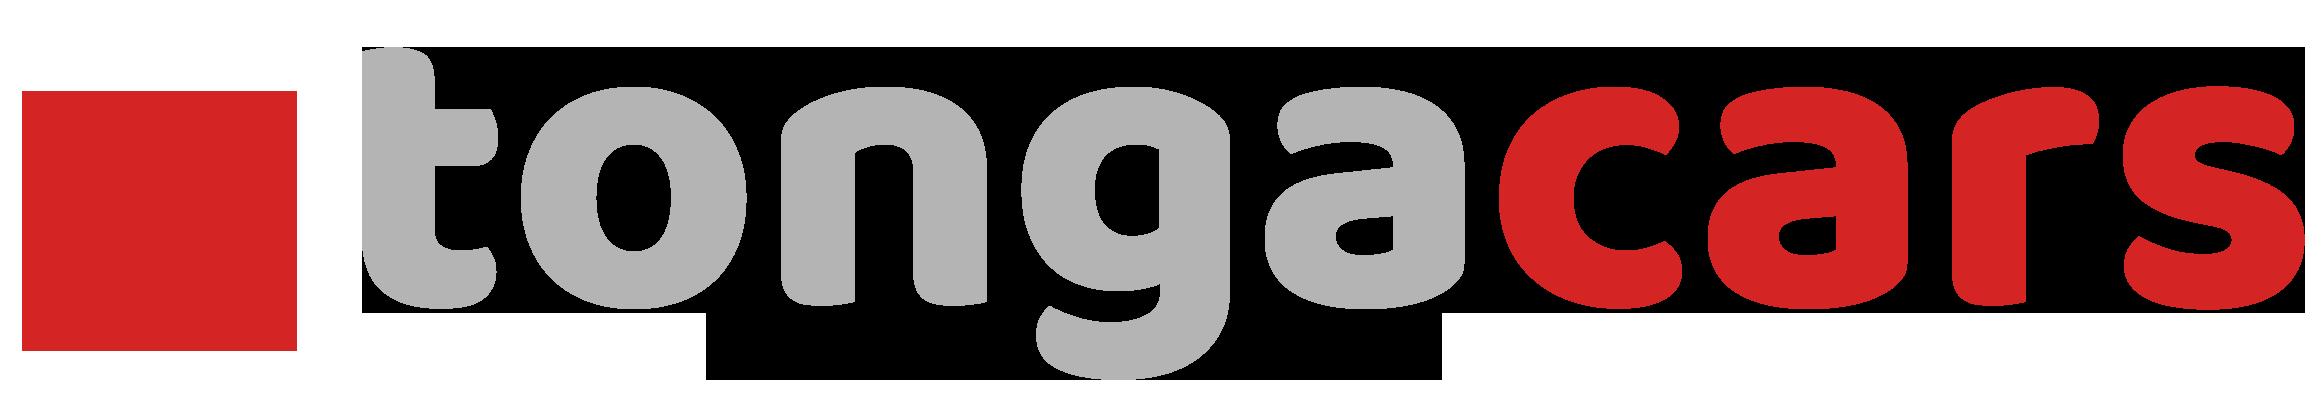 Tongacars logo